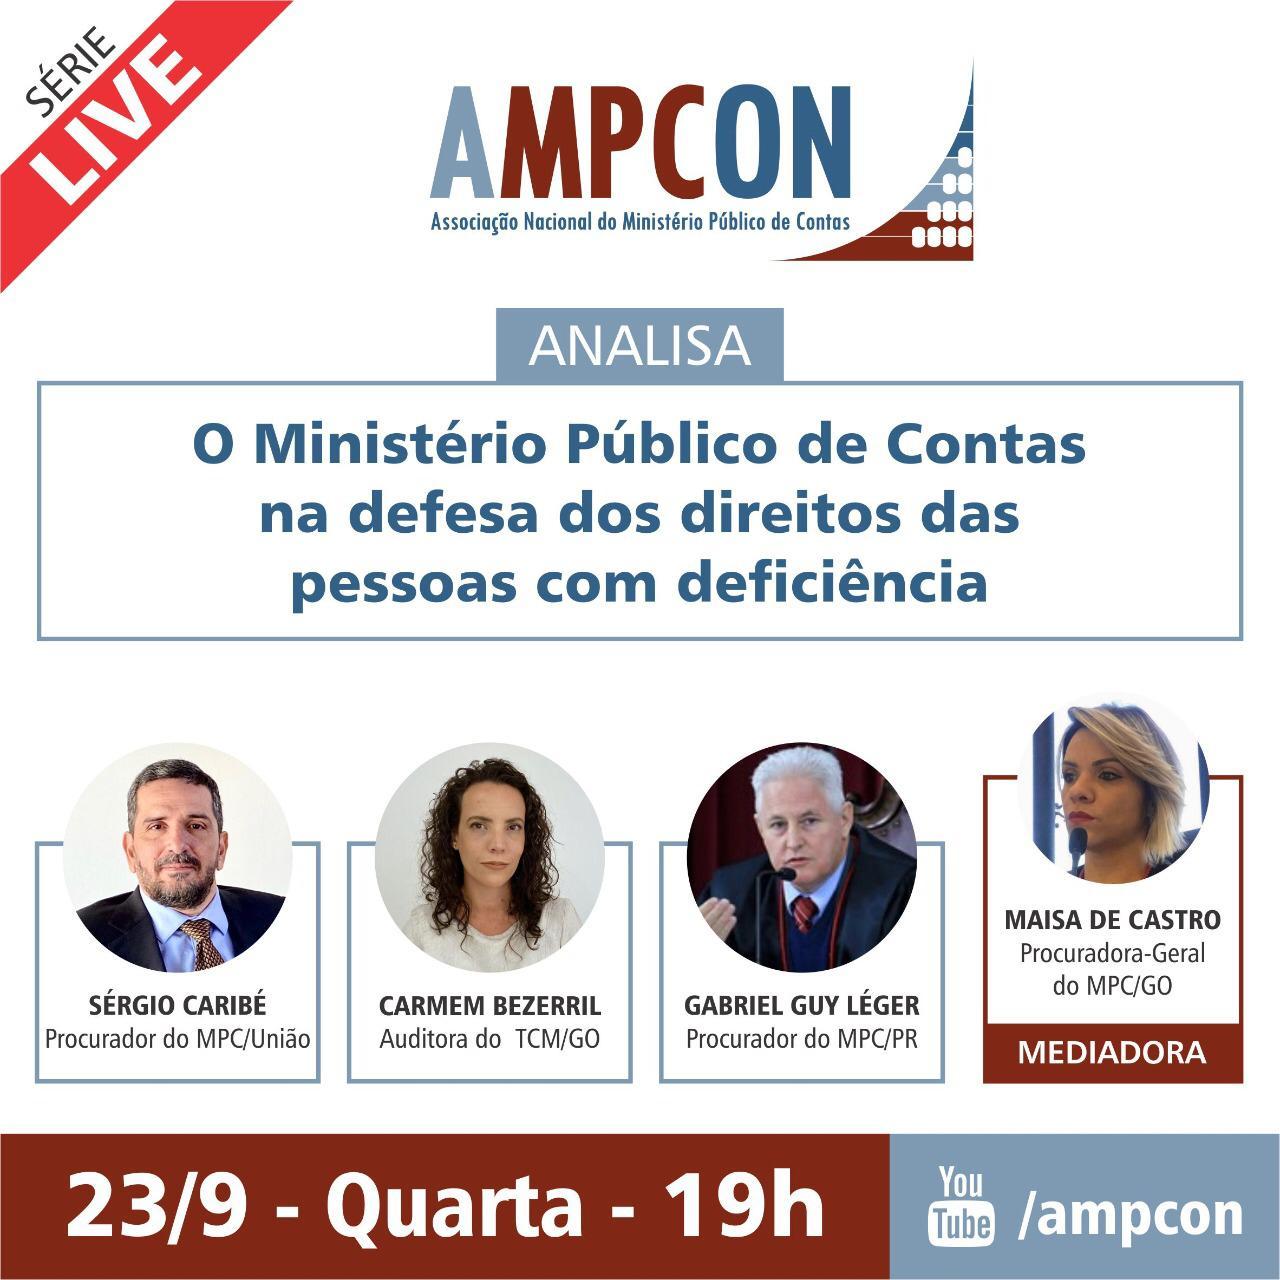 Nesta quarta-feira (23), AMPCON promove live sobre os direitos das pessoas com deficiência